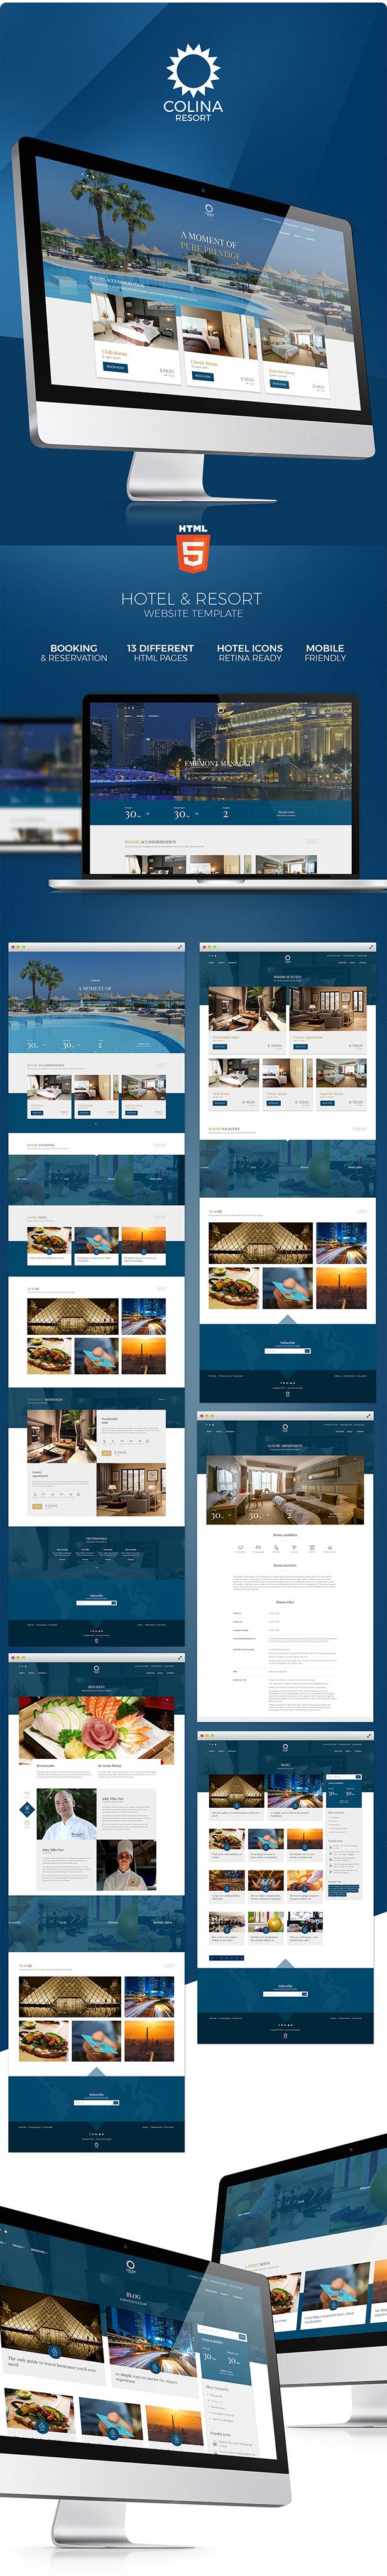 Colina v1.0-高端酒店/旅游度假景区酒店HTML模板插图2